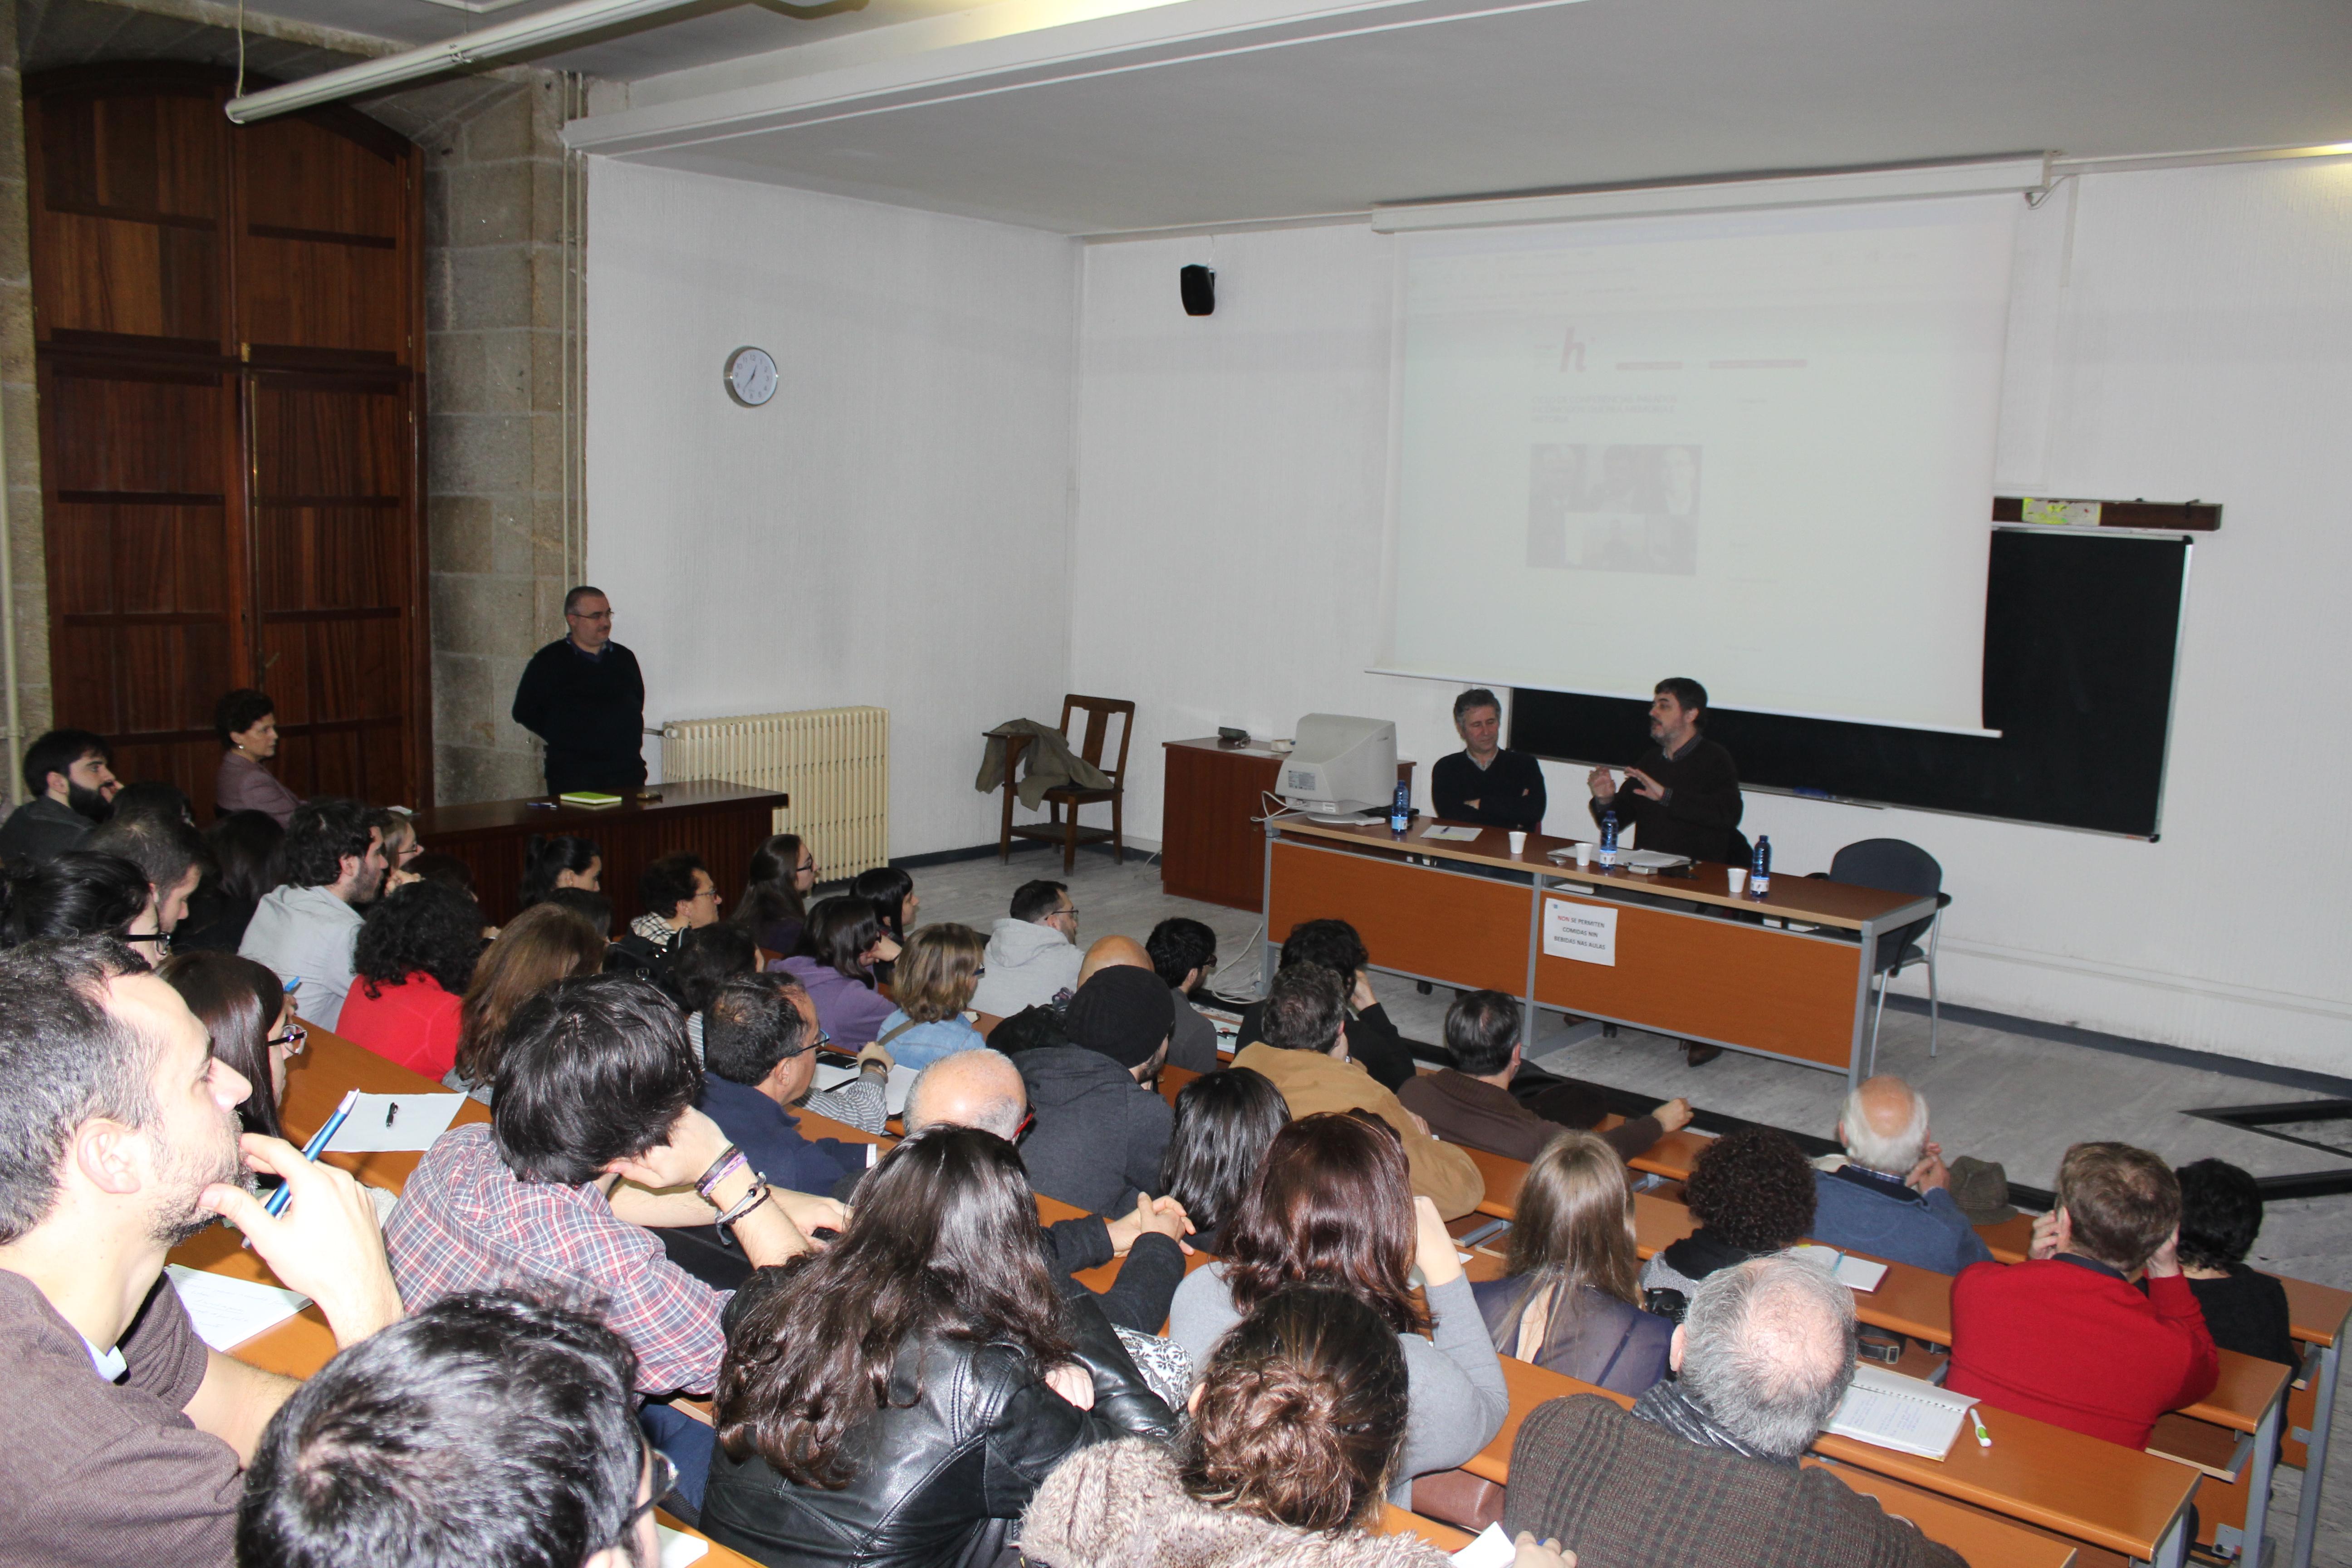 A aula 13 da Facultade de Xeografía e Historia repleta | ©Nuria G. Guillín